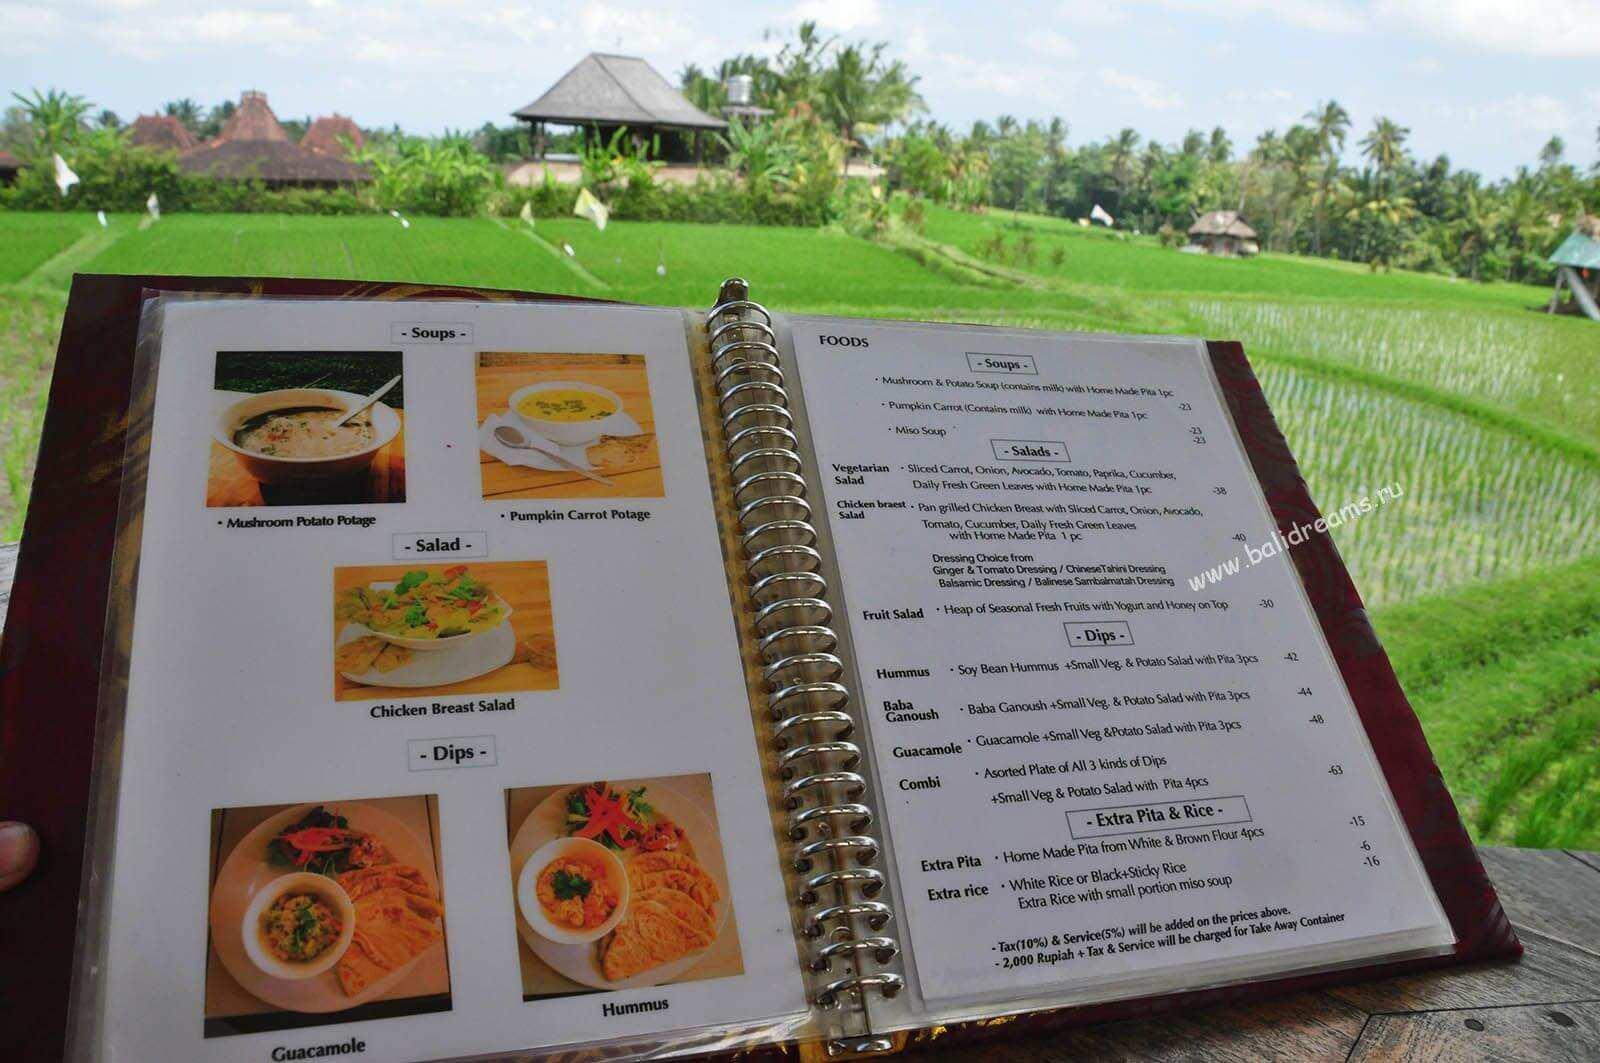 Фото меню кафе на рисовых террасах, вид потрясающий